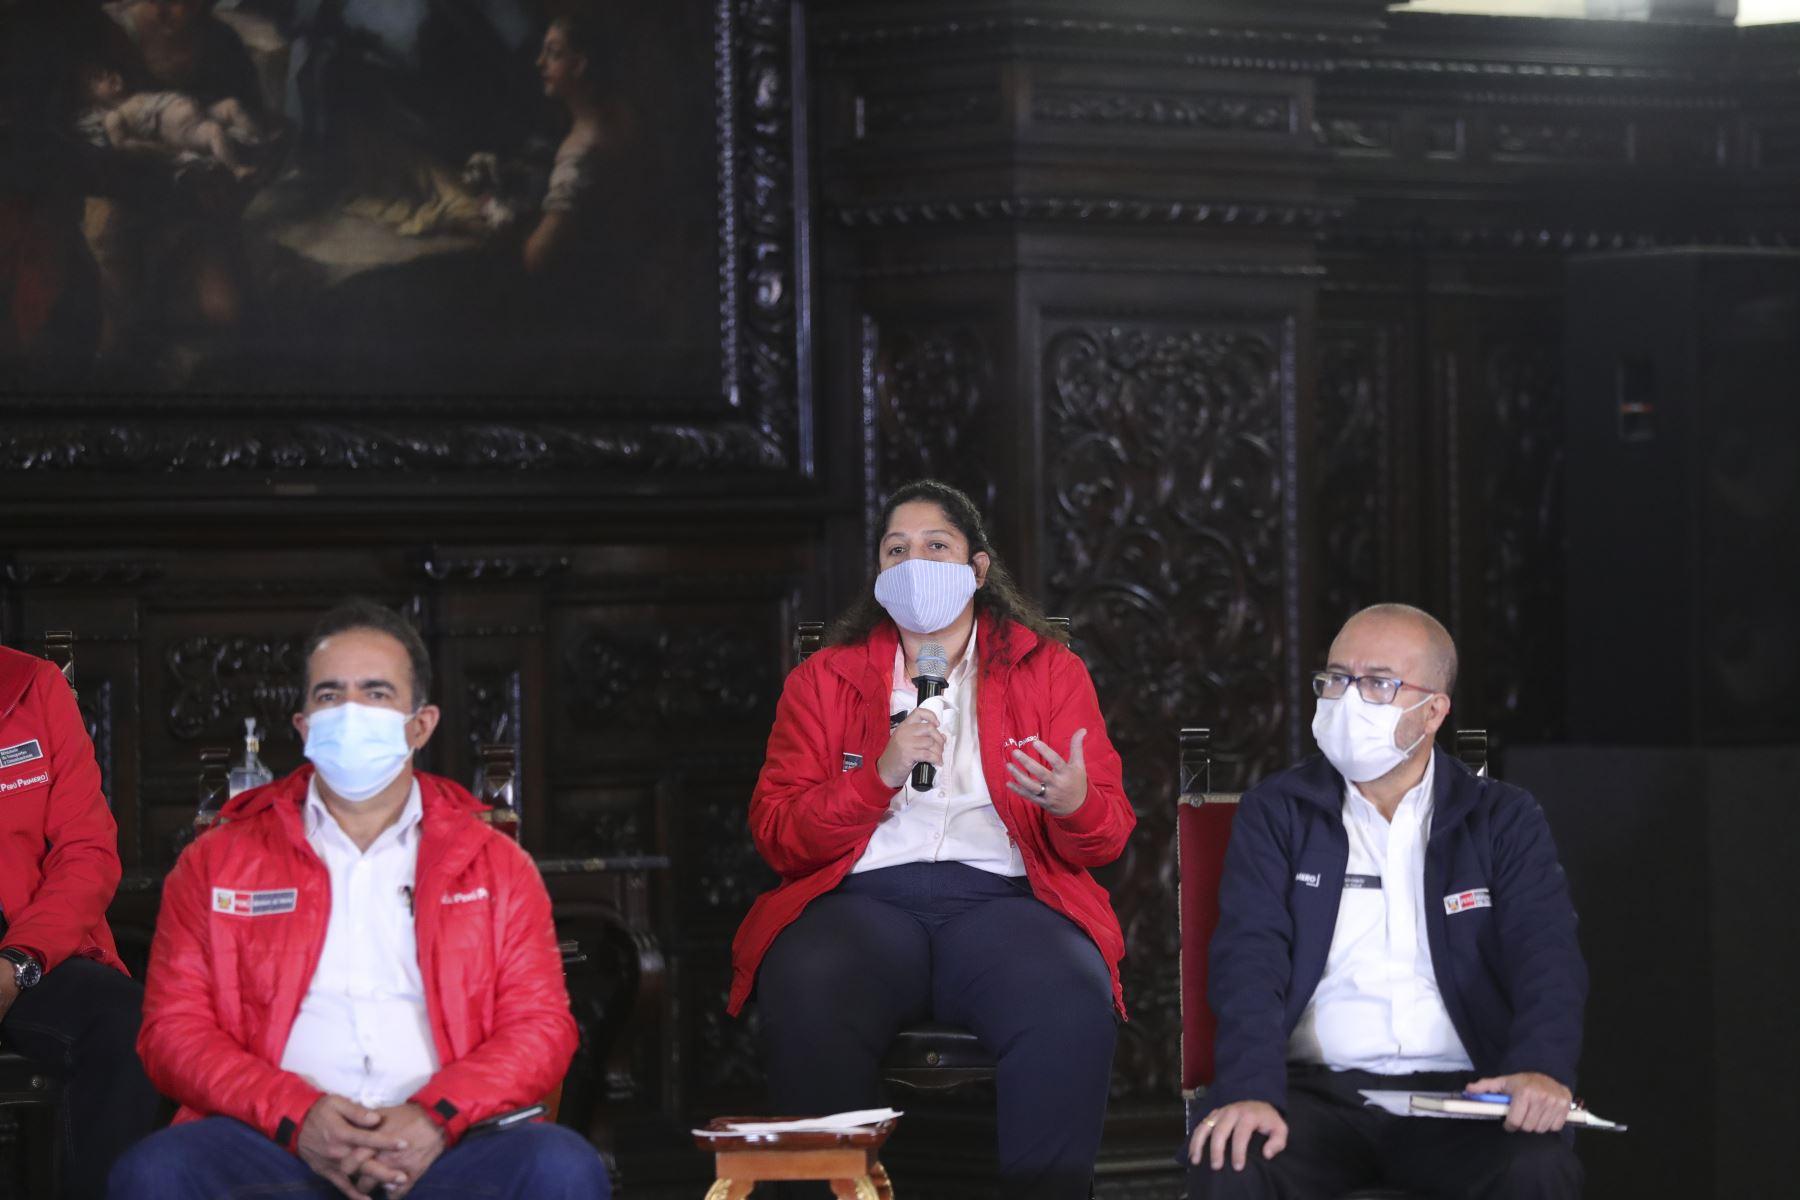 Ministro del Ambiente, Fabiola Muñoz participa junto al presidente Martín Vizcarra en la conferencia de prensa que informa a la ciudadanía sobre las medidas adoptadas durante el estado de emergencia nacional, ampliado con una cuarentena focalizada del 1 al 31 de julio. Foto:ANDINA/Prensa Presidencia